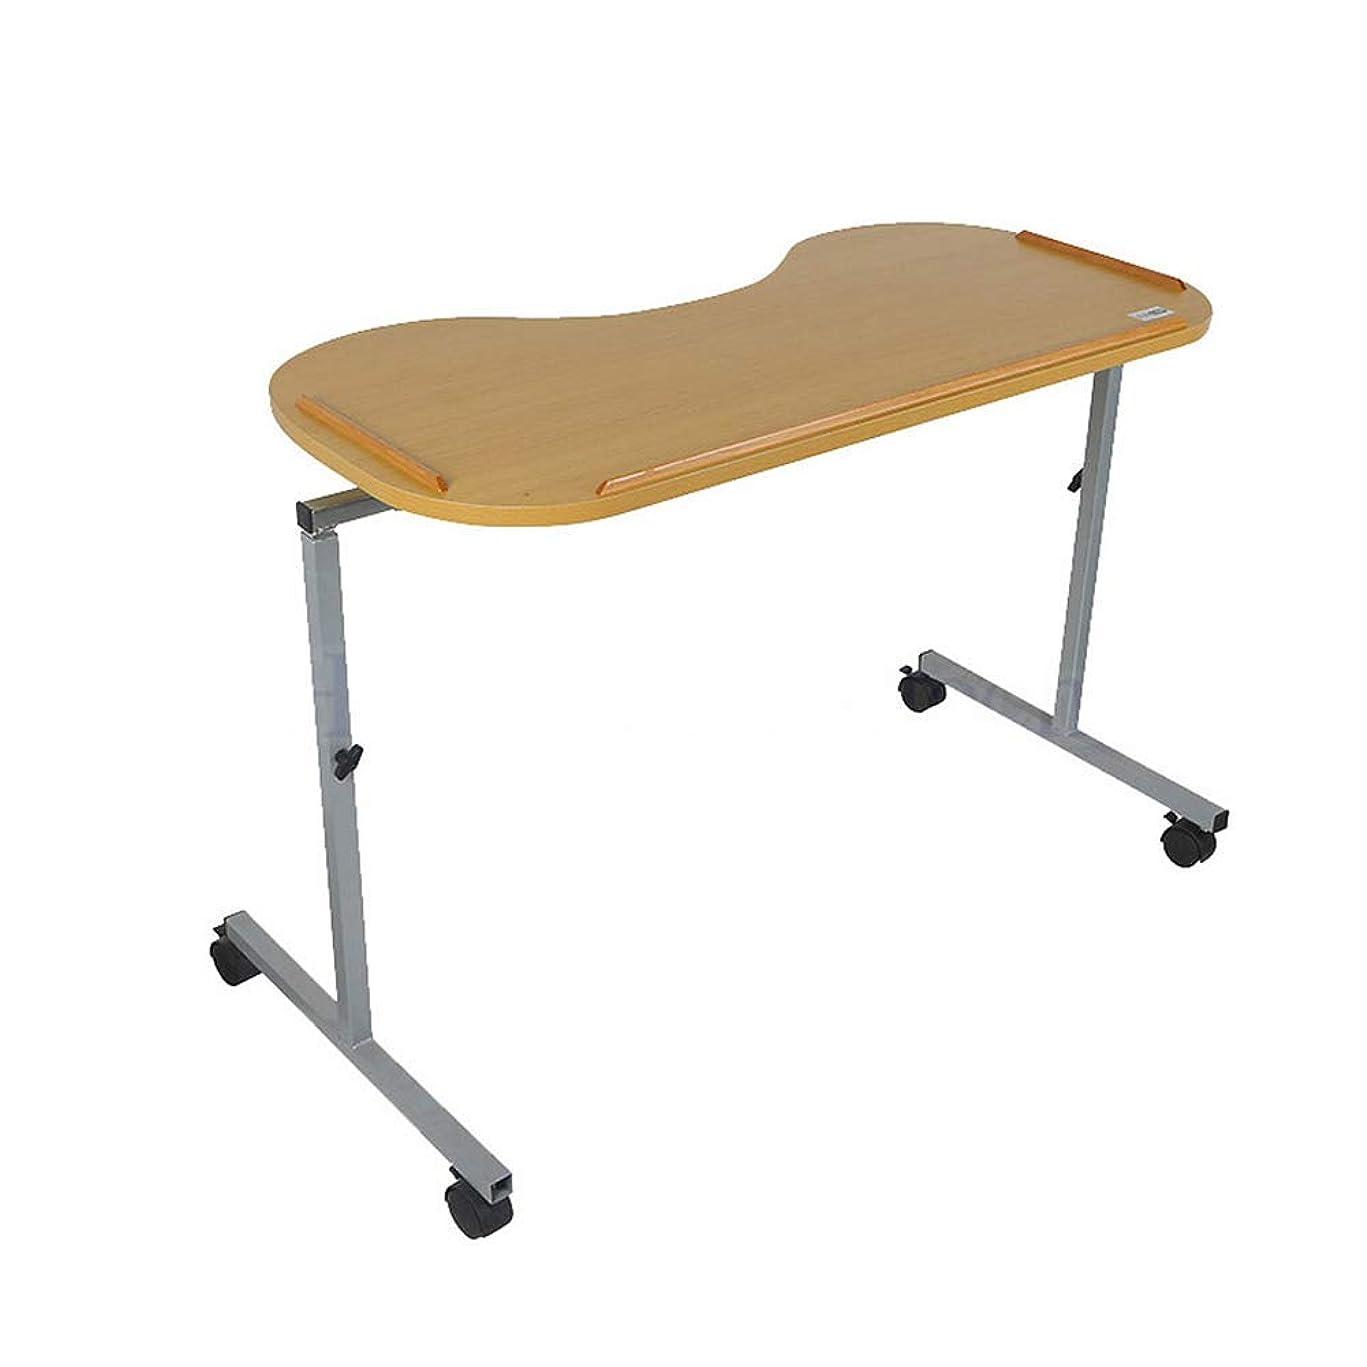 圧力見て取り出す医療用ベッドサイドテーブル、ポータブルで丈夫なラップトップデスク調節可能なカーブドベッド/椅子用テーブル、ロック付きキャスター